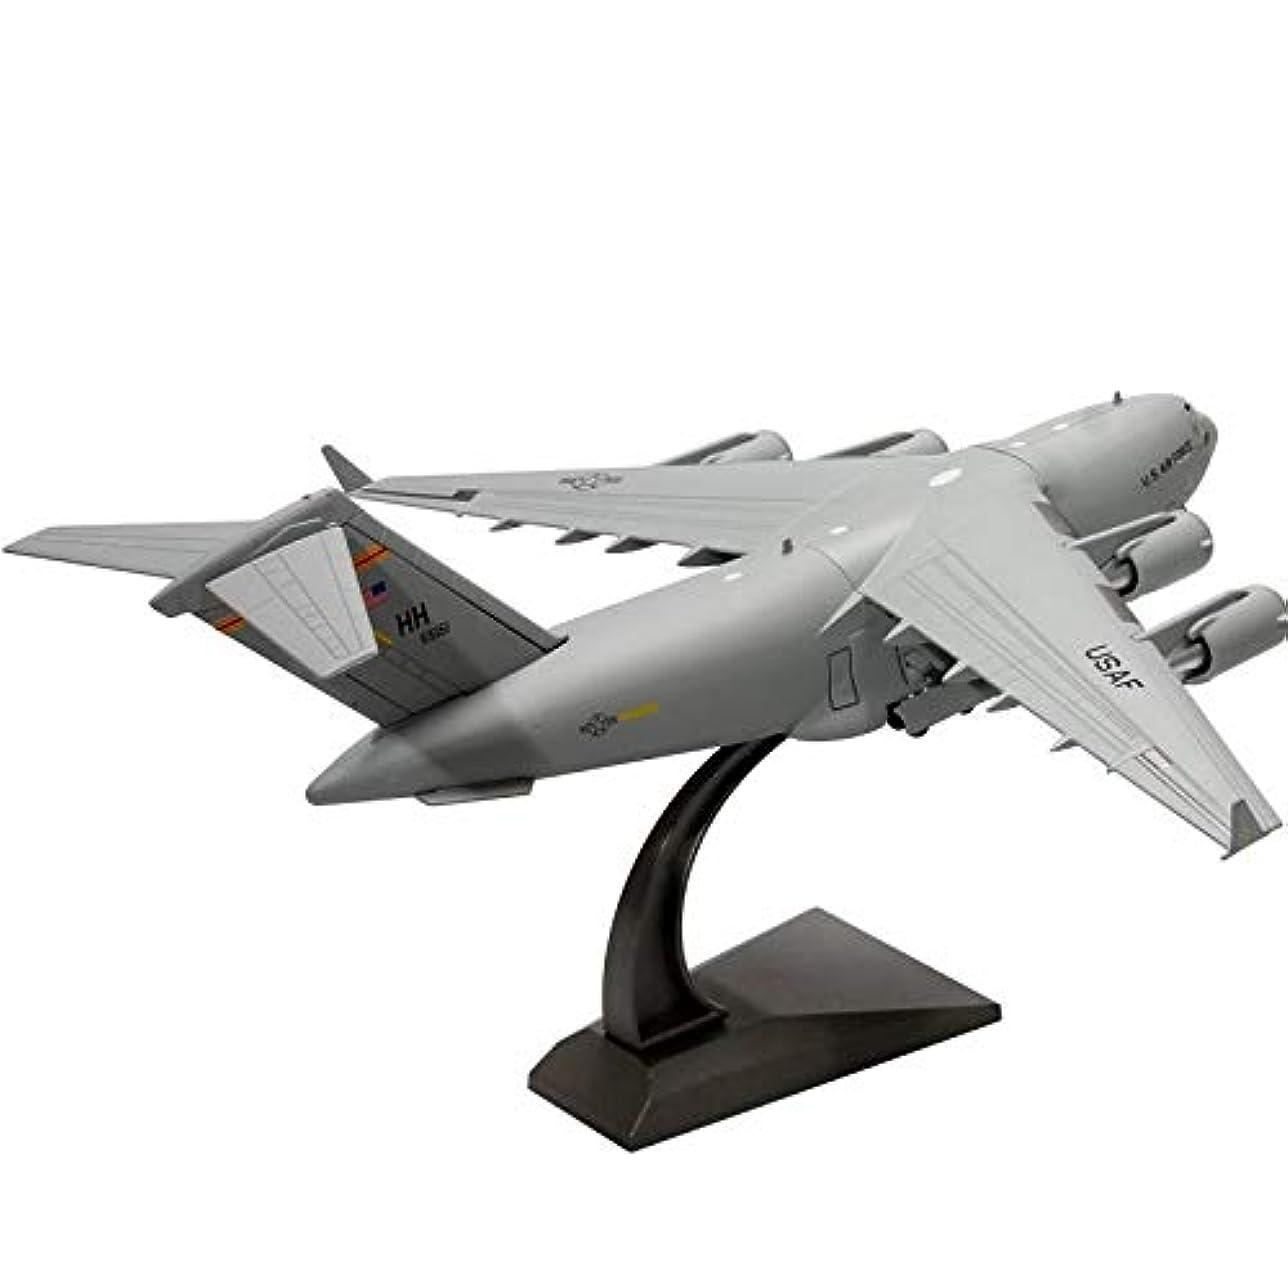 国歌周術期カーフXINGGUANG1/200 スケールカナダ USAF C-17 Globemaster Iii 軍用輸送航空機ダイキャストメタル飛行機模型キッズおもちゃのための航空機モデルプレイ